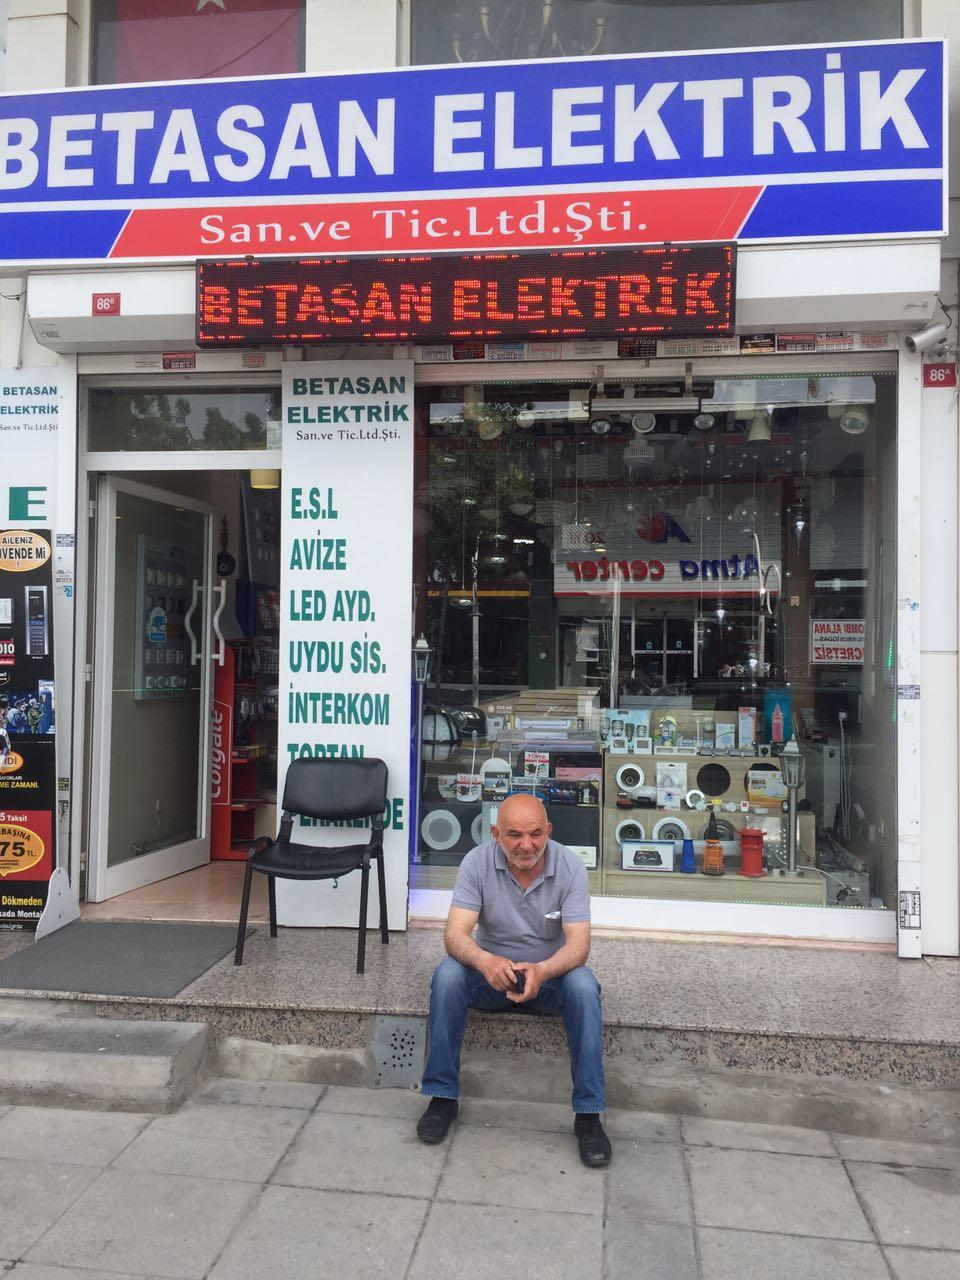 beasan-elektrik-sanayi-ve-tic-ldt-sti-cekmekoey-uen-hizmetinde